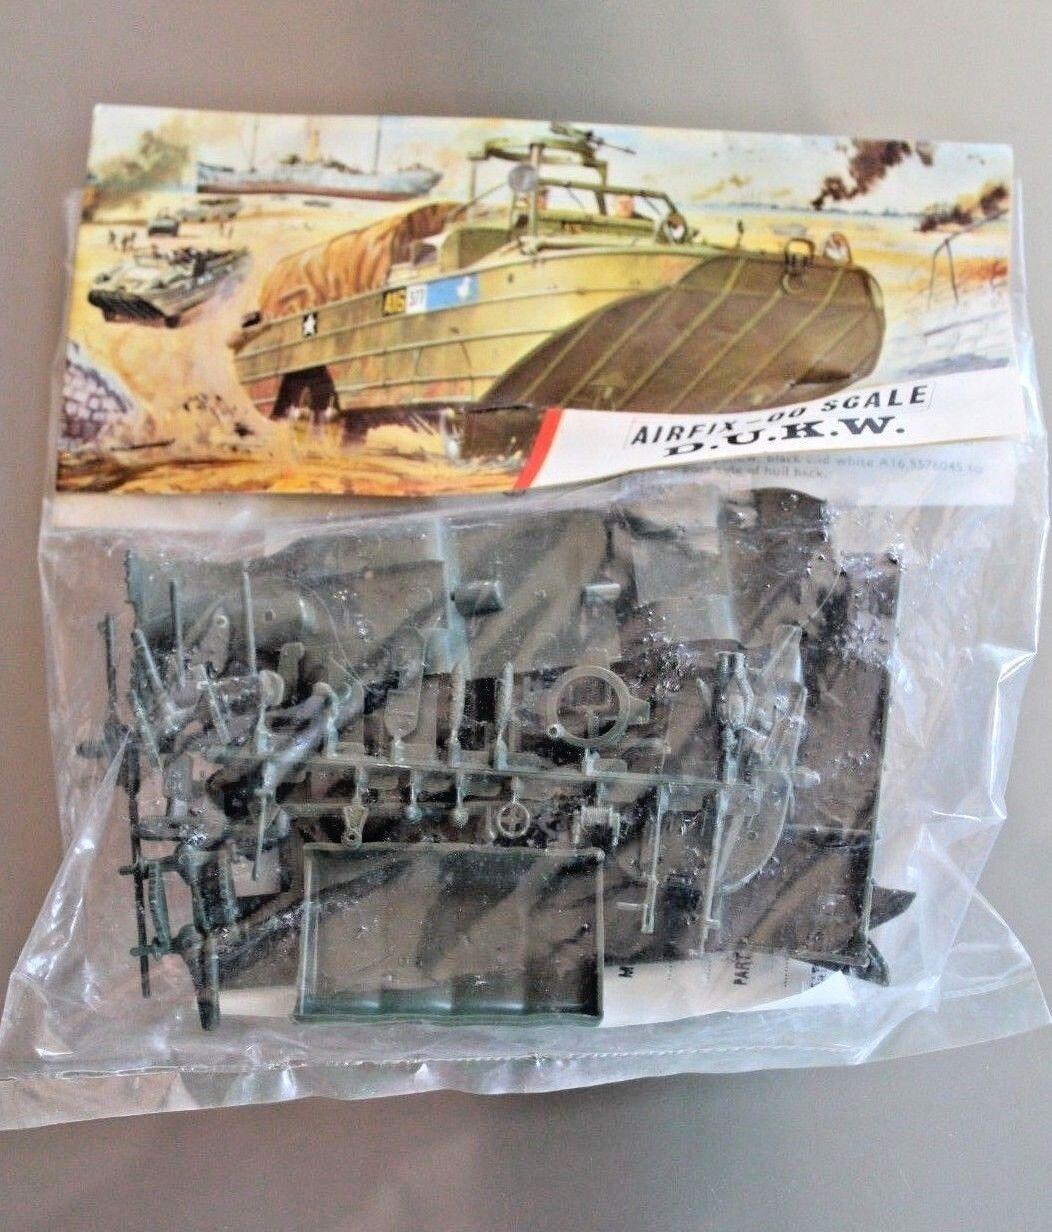 Airfix Oo Scale D. U. K.W.Amphibie Modell Plastik Zum Zusammenbauen Nie